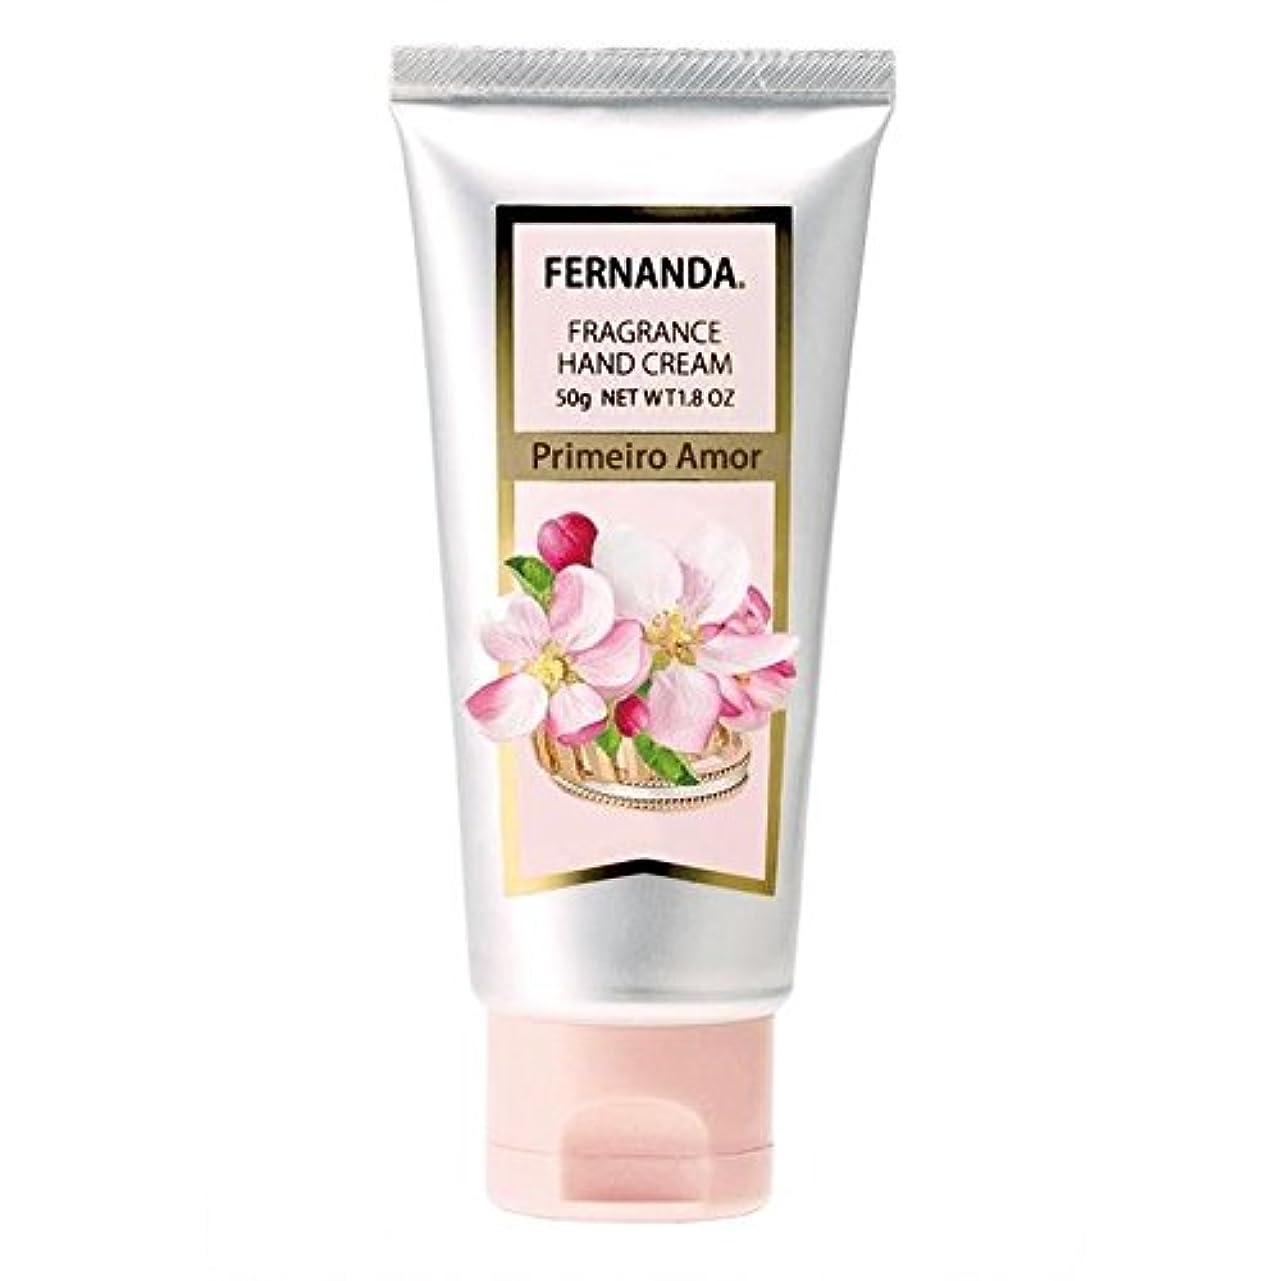 バレーボール請願者反対するFERNANDA(フェルナンダ) Hand Cream Primeiro Amor(ハンドクリーム プリメイロアモール)